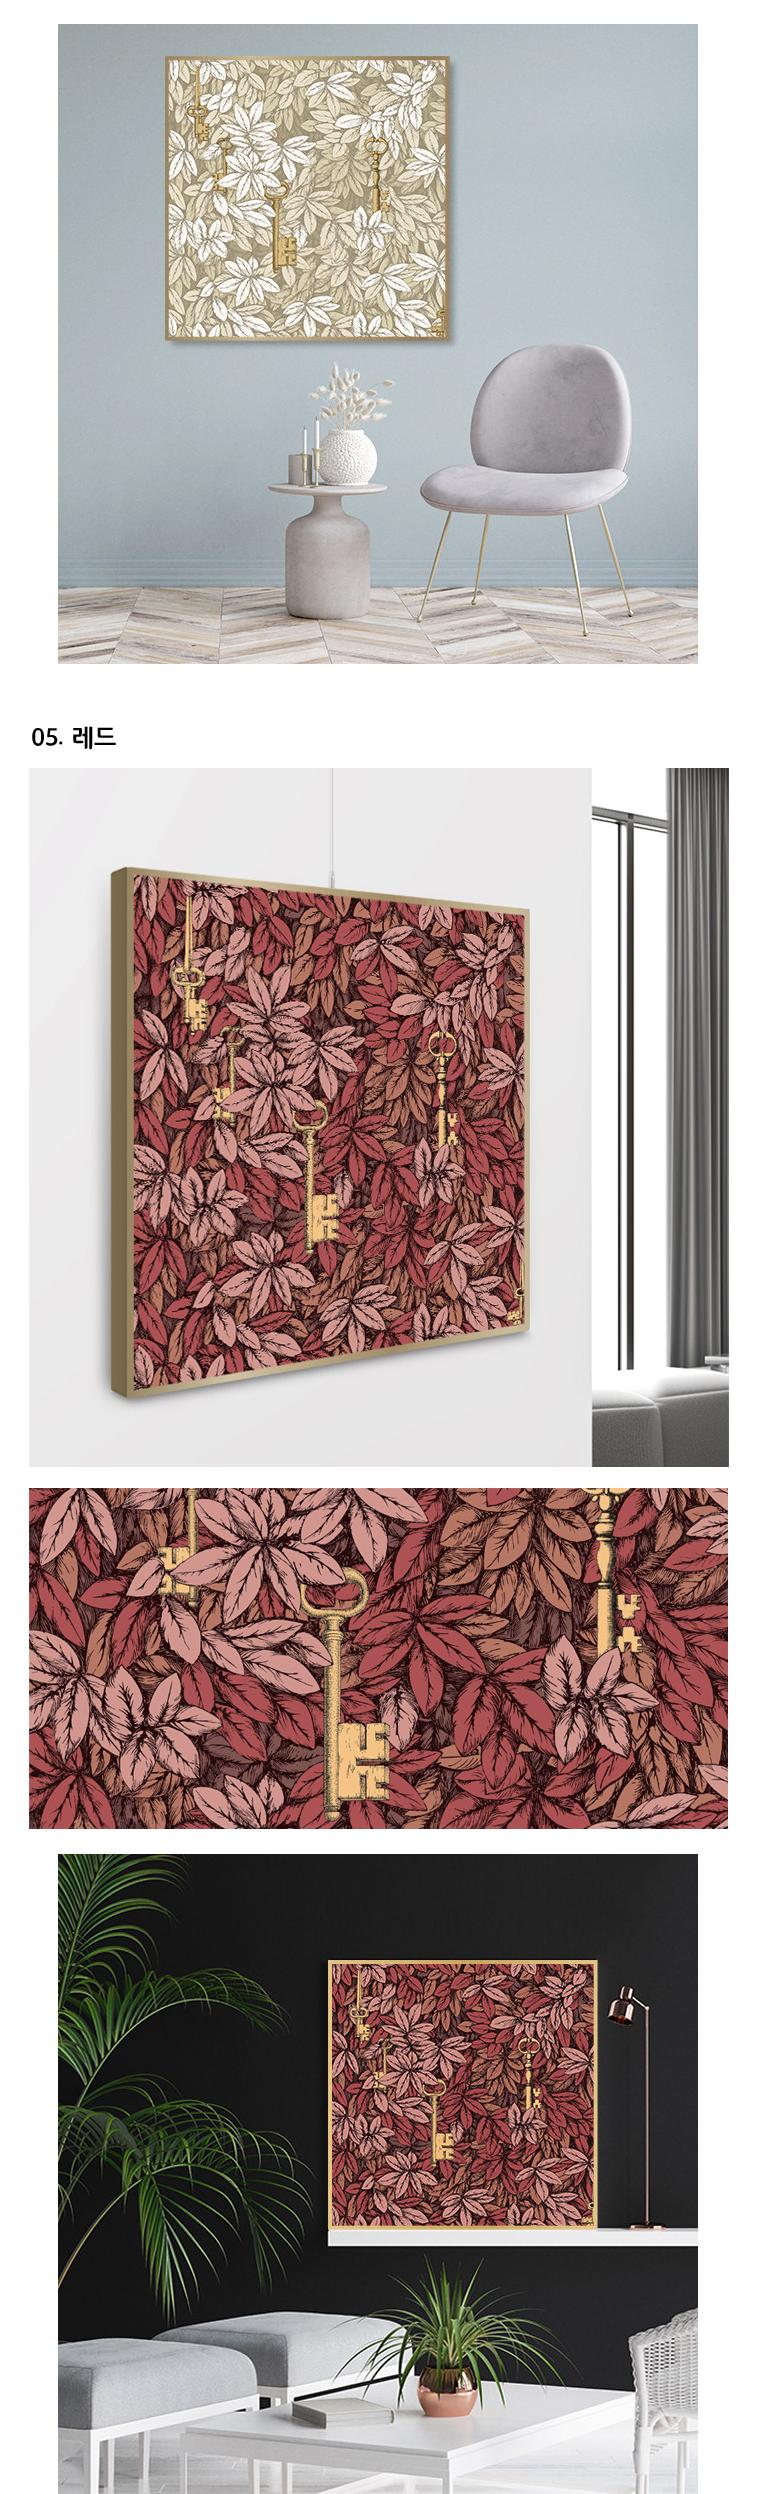 포르나세티 키아비 그림 인테리어 액자 6종 - 유홍아트, 15,000원, 액자, 벽걸이액자